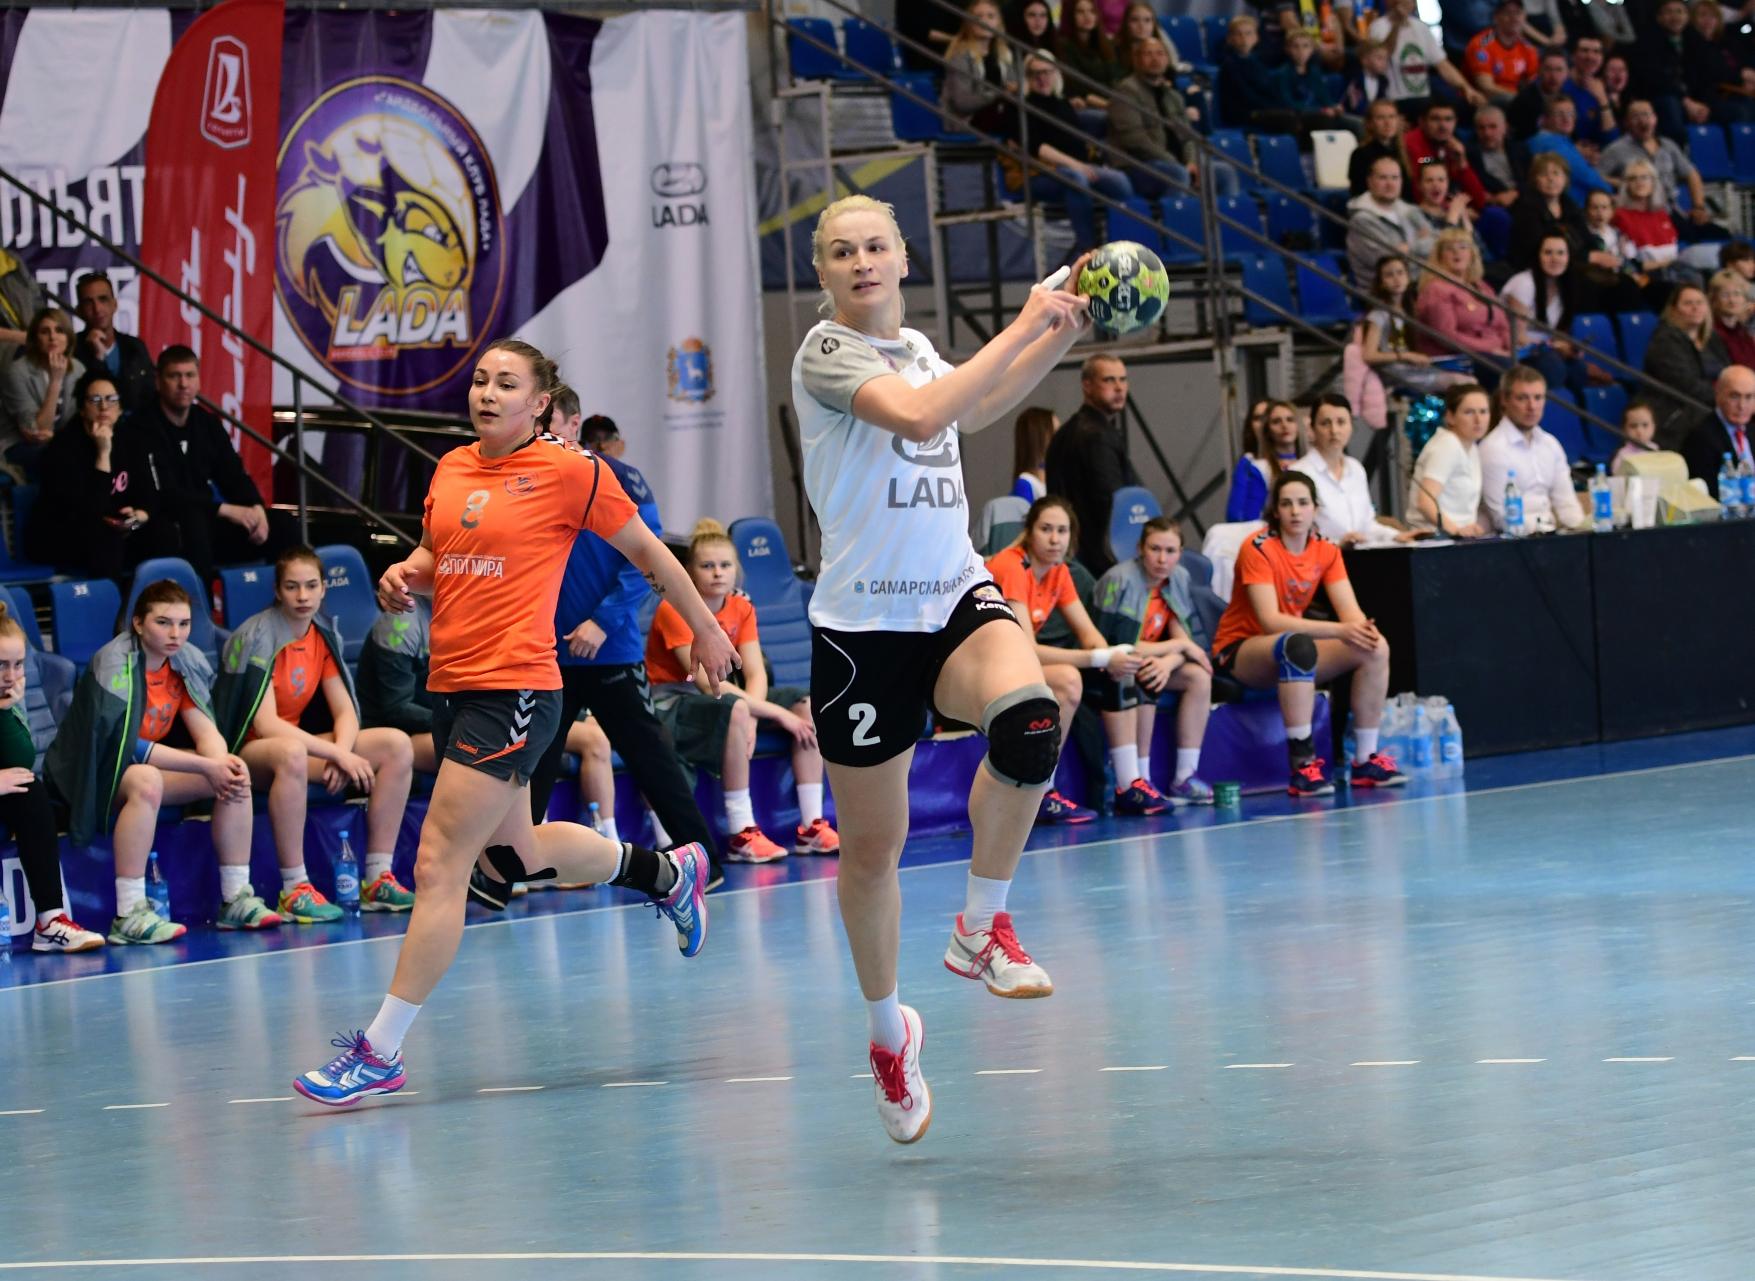 Гандбольная «Лада» вышла в полуфинал чемпионата России